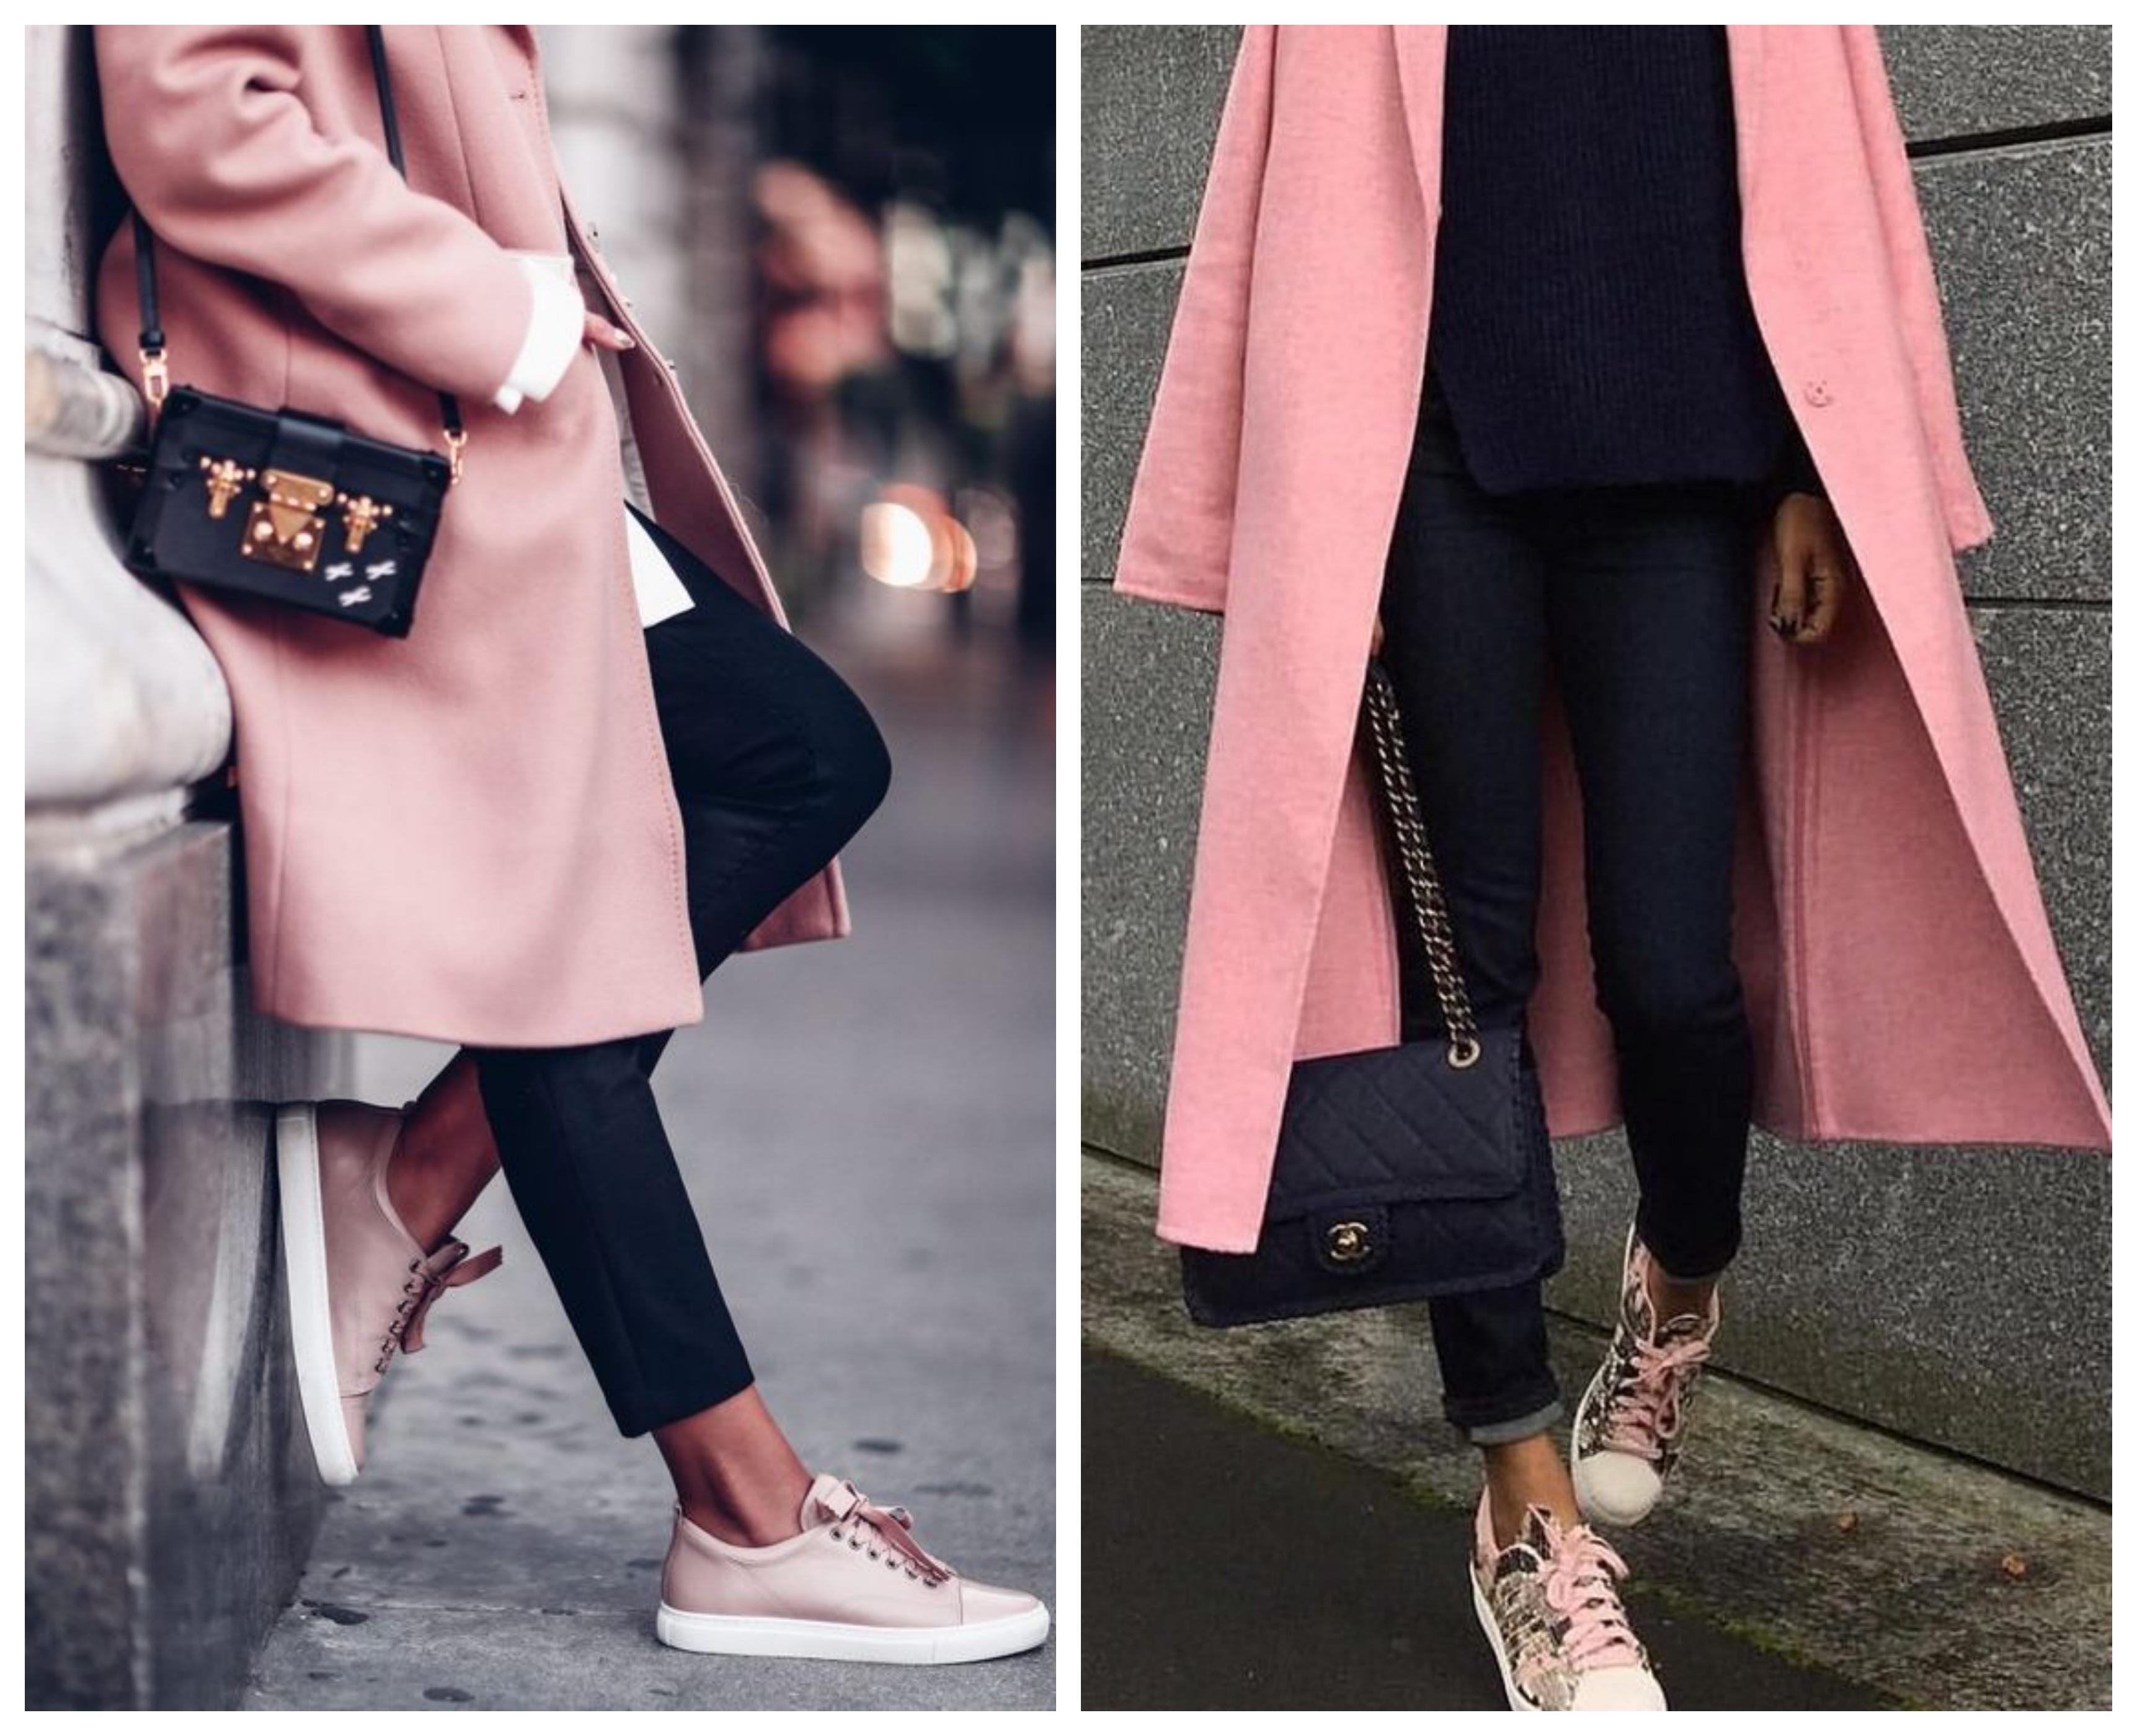 Розовое пальто с кроссовками